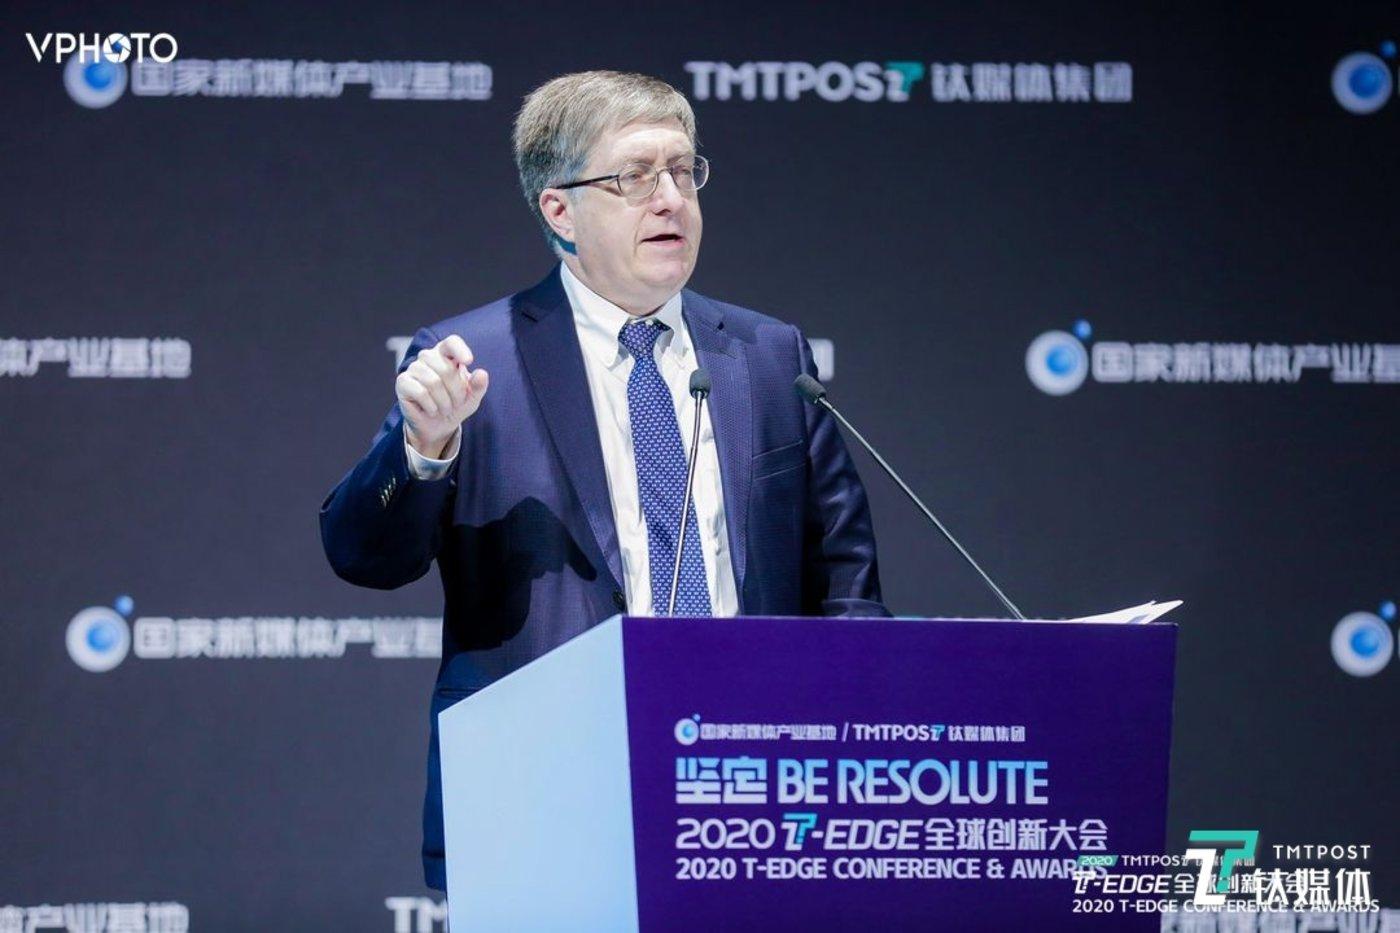 上海美国商会董事会主席Jeffrey Lehman